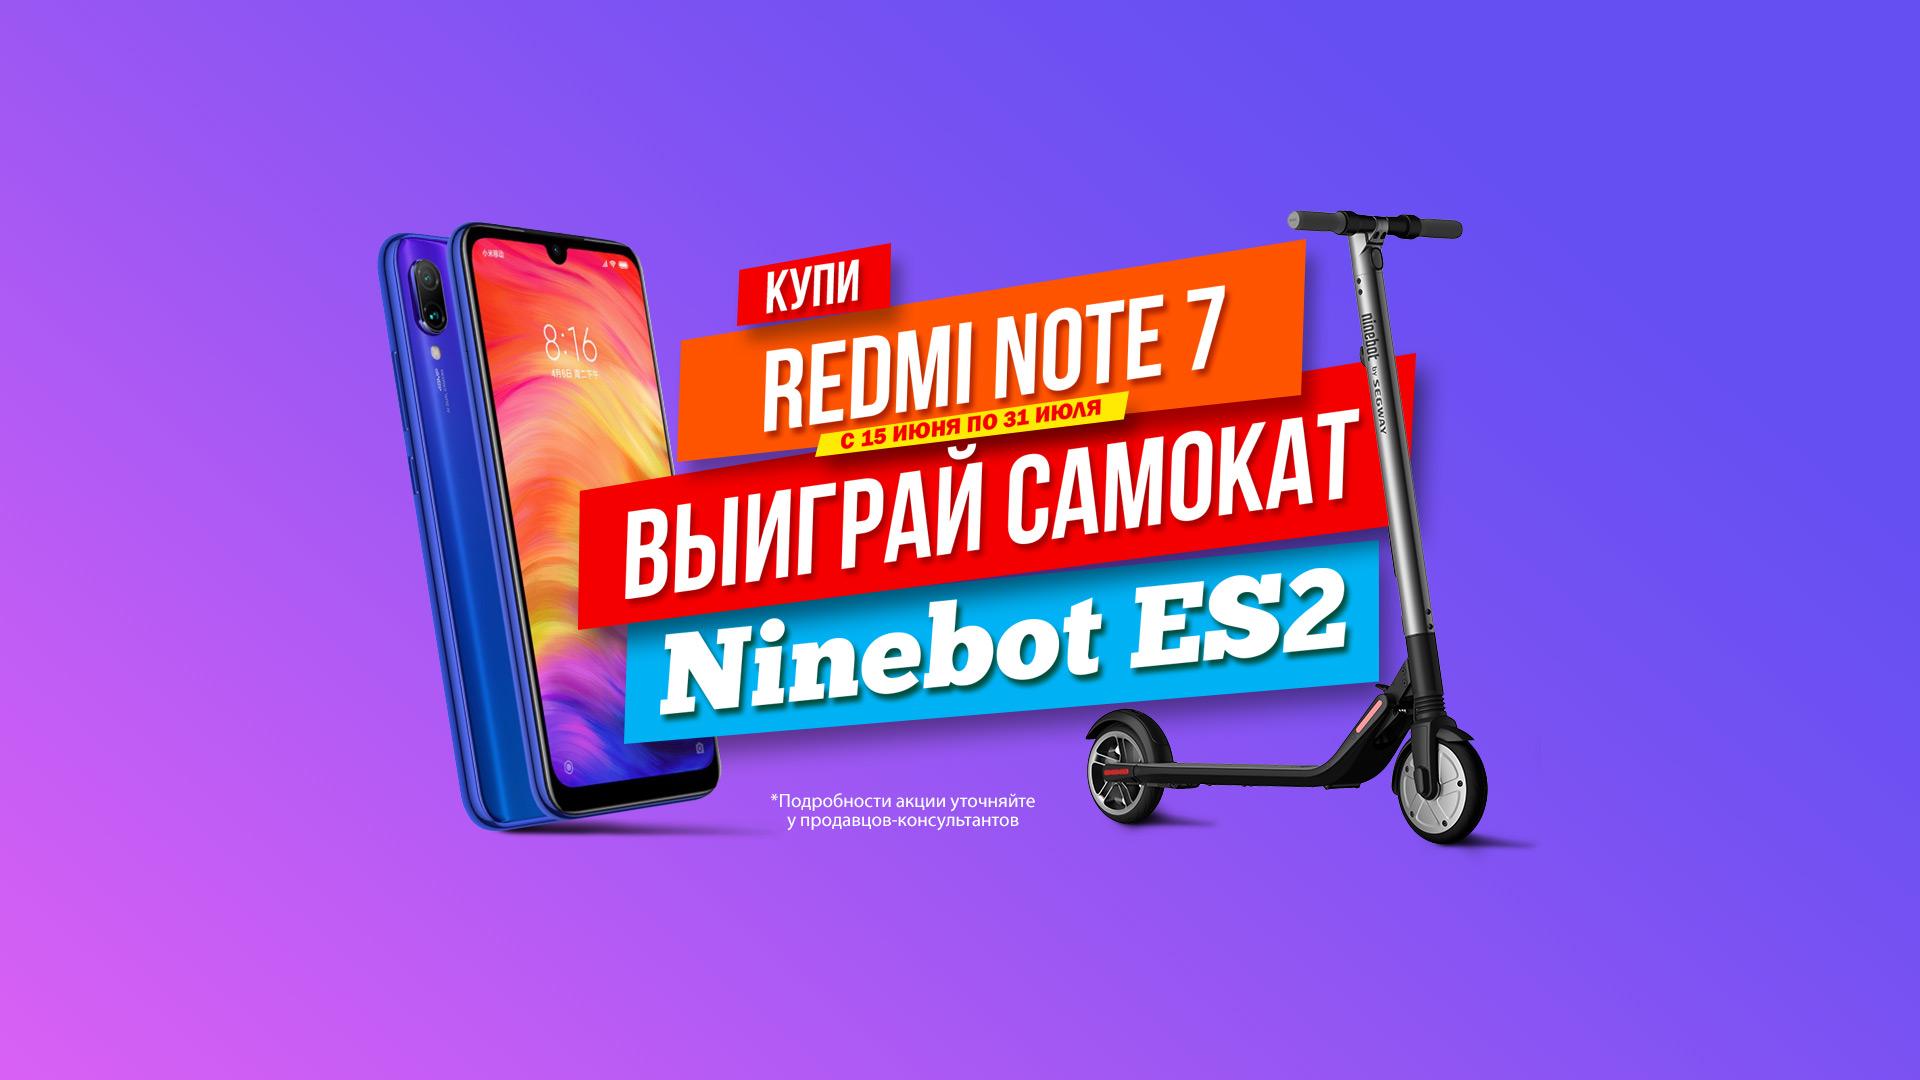 Купи Redmi Note 7 и выиграй самокат Ninebot ES2